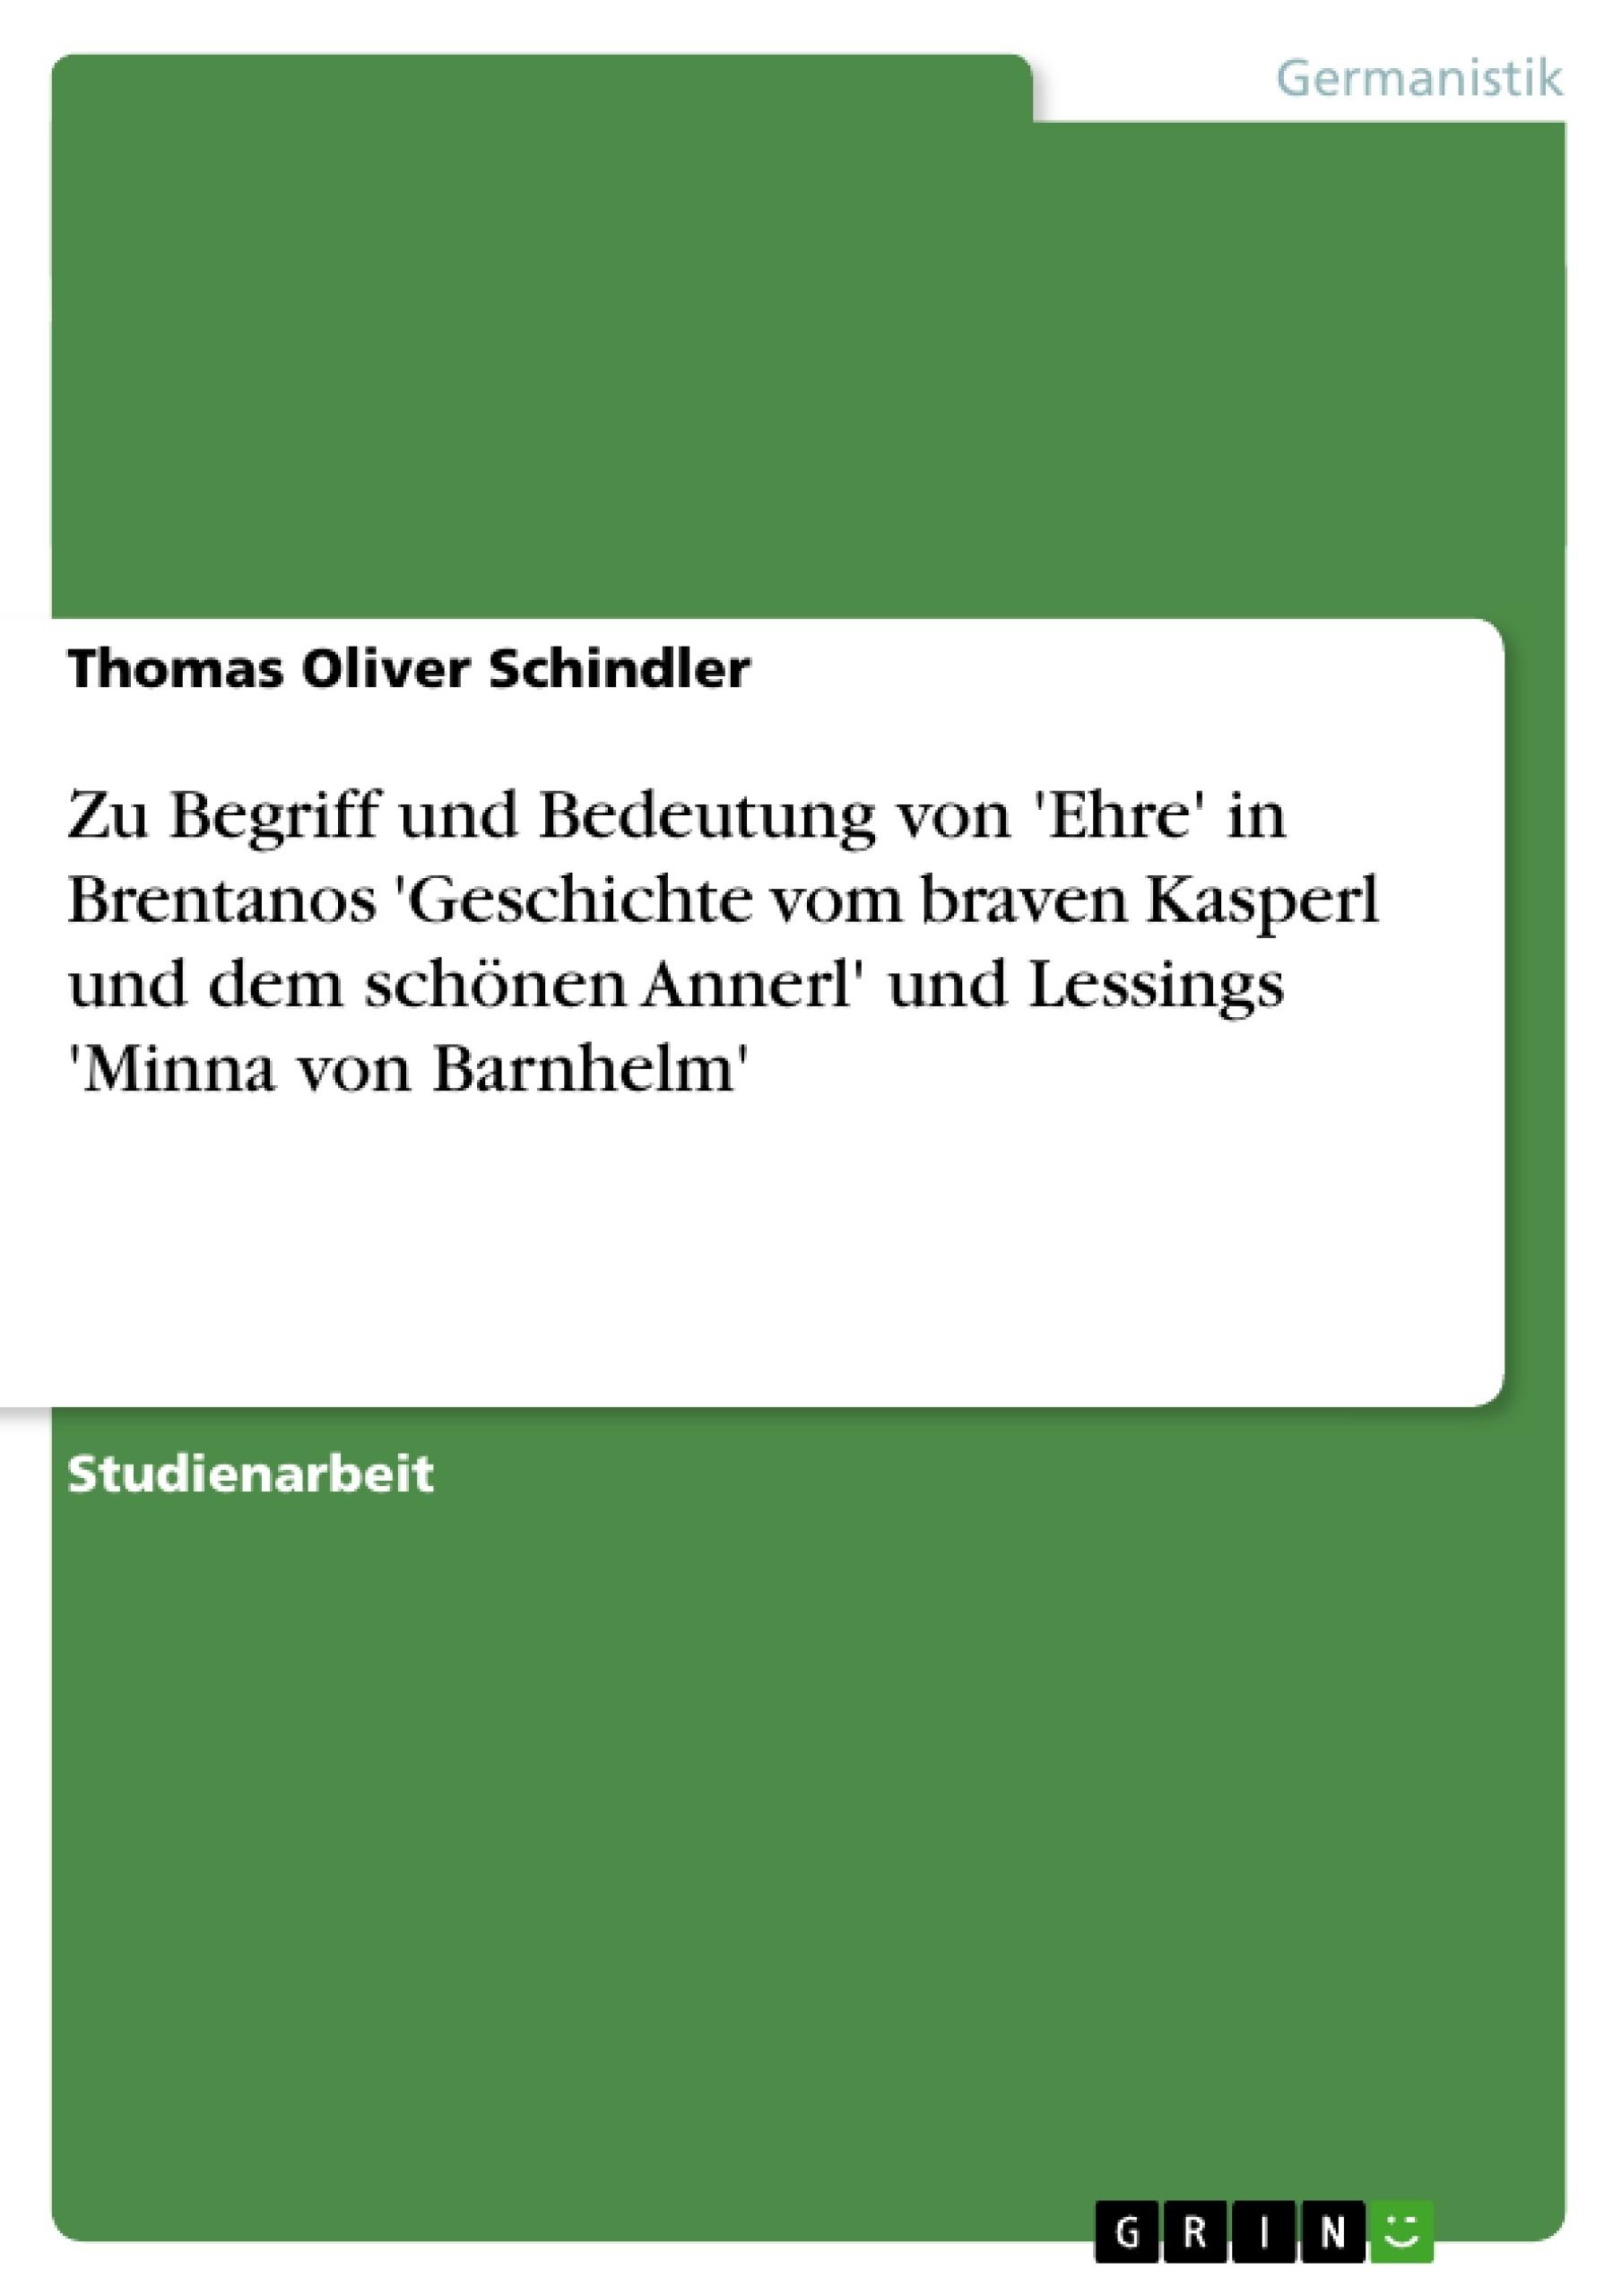 Titel: Zu Begriff und Bedeutung von 'Ehre' in Brentanos 'Geschichte vom braven Kasperl und dem schönen Annerl' und Lessings 'Minna von Barnhelm'